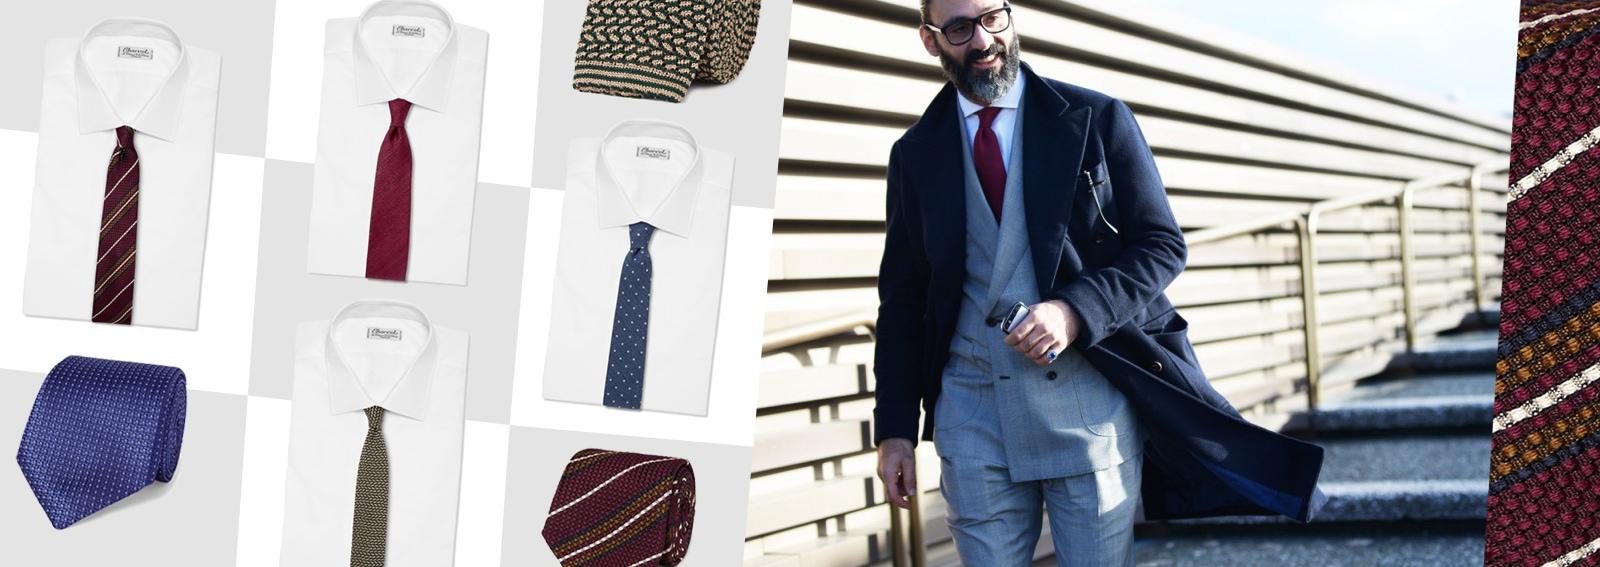 DESKTOP_cravatte